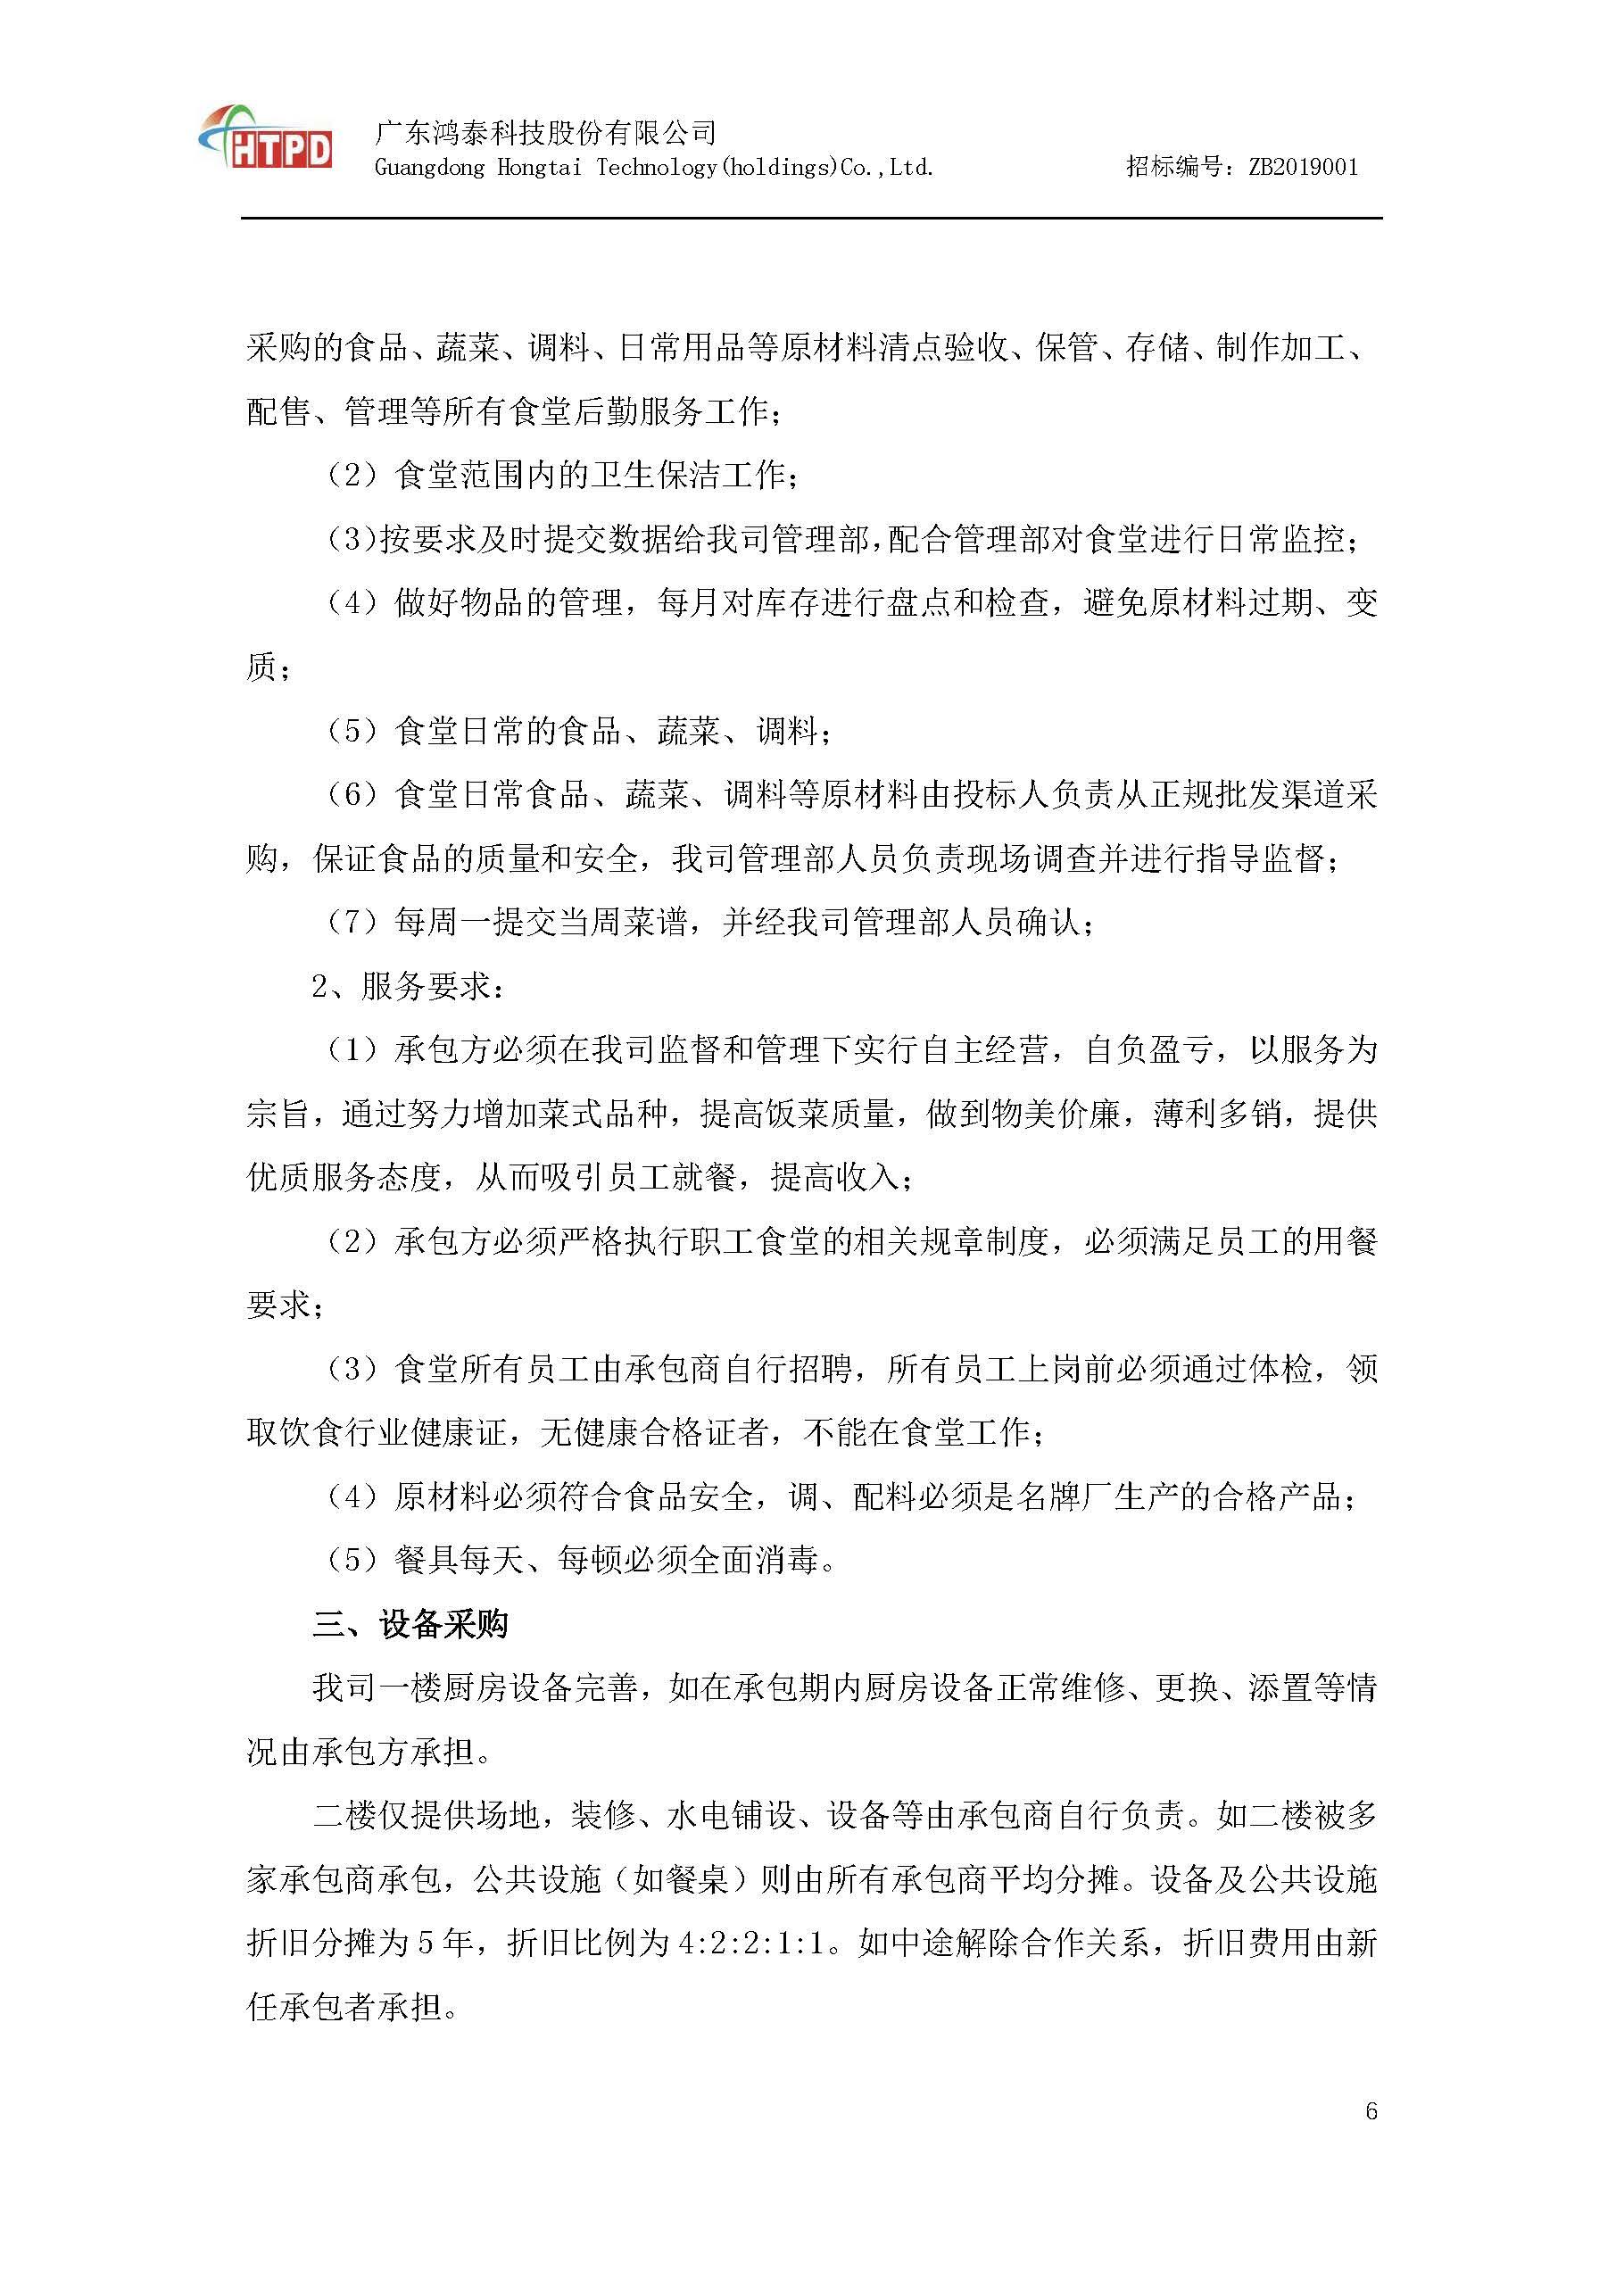 公开招标员工食堂承包经营项目公告(2)(1)_页面_6.jpg